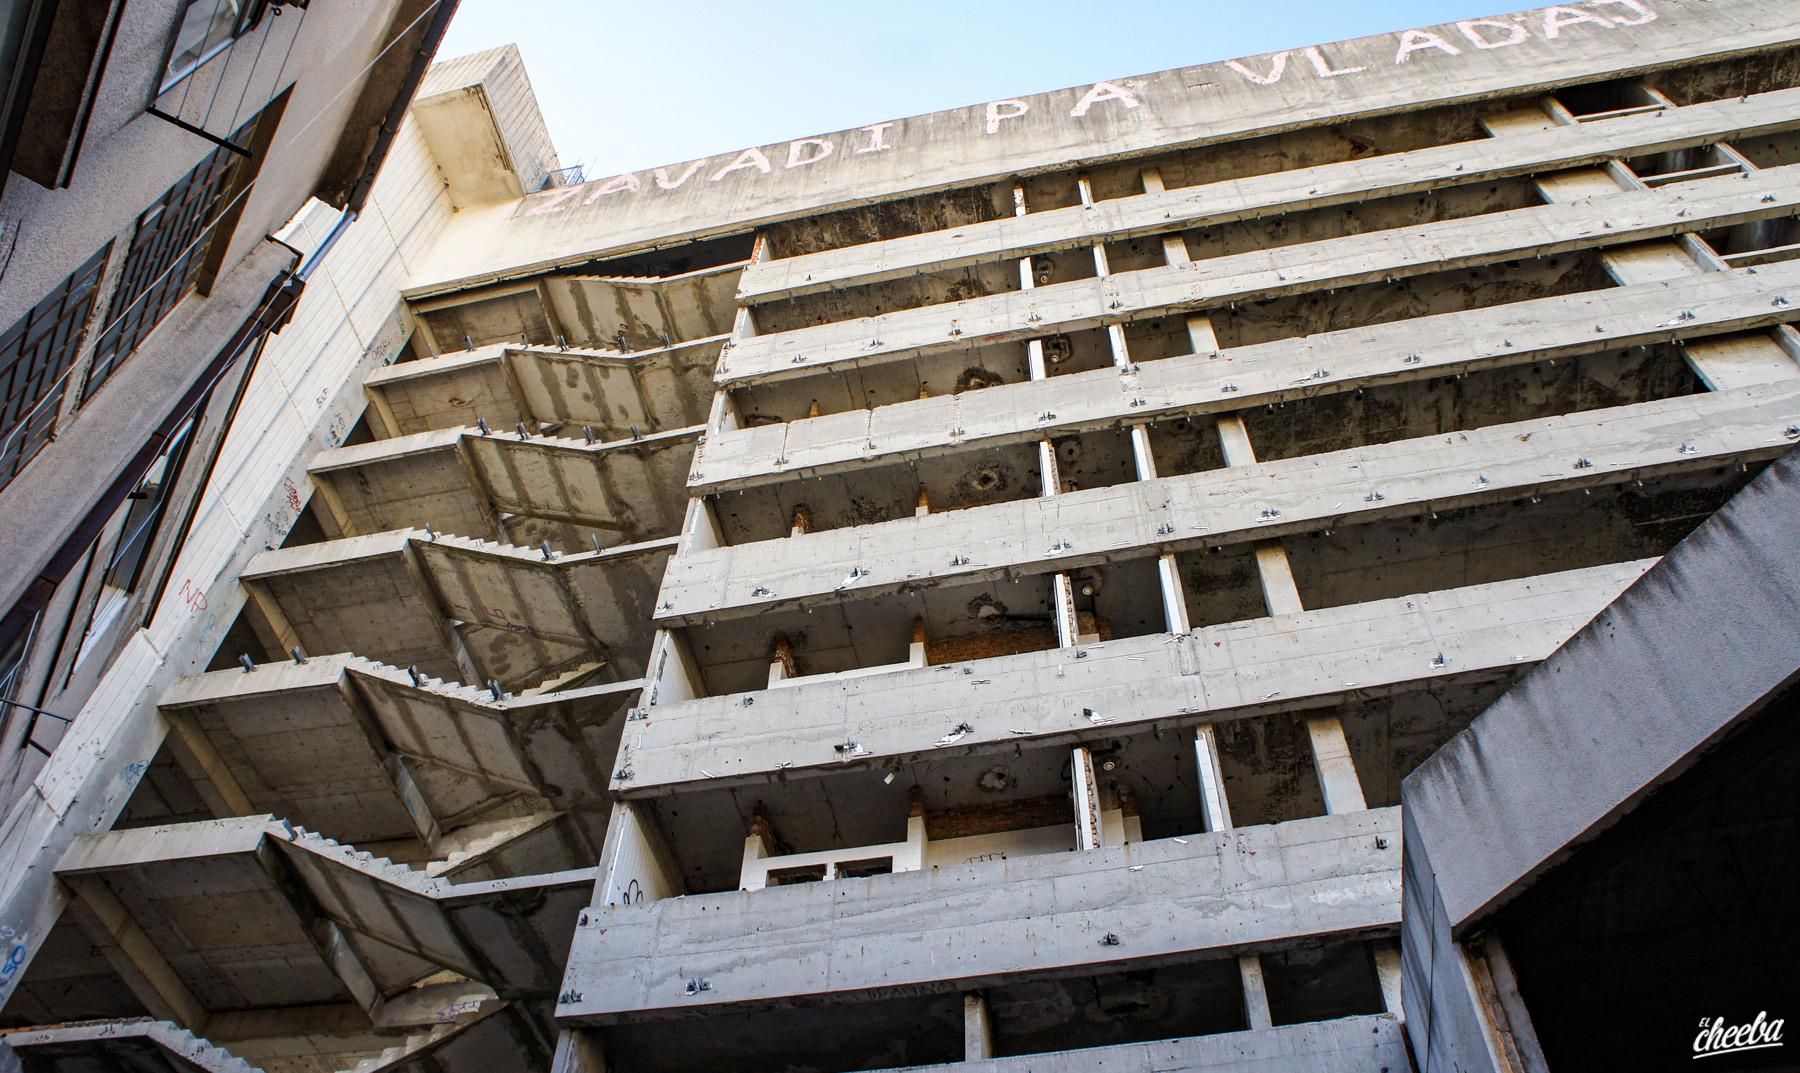 Urbex Sniper Tower, la tour sniper de Mostar en Bosnie - Urbex Europe by El Cheeba